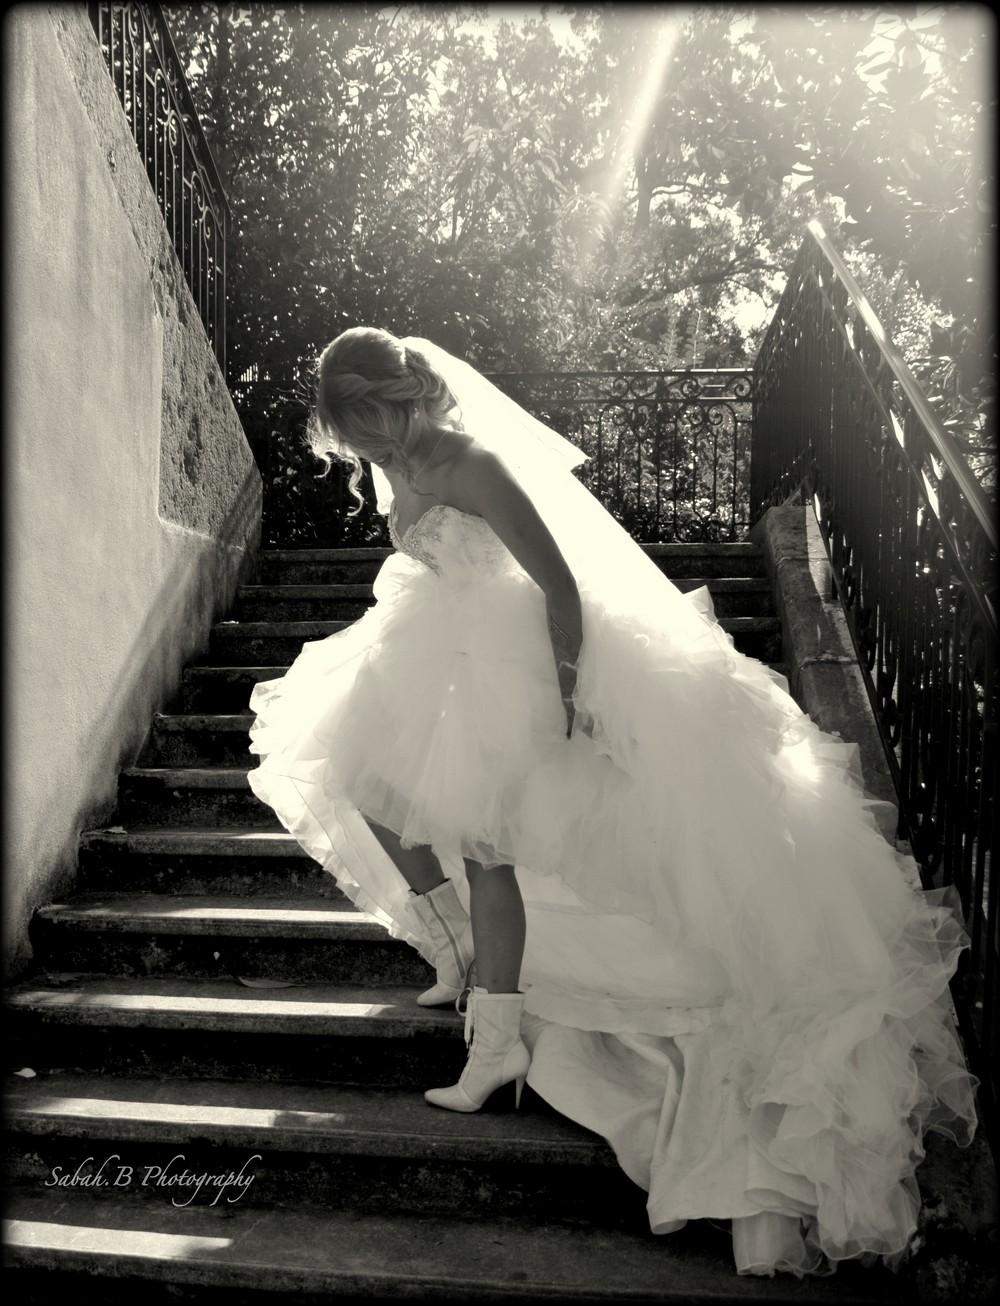 Photographe robe de mariée : SABAH.B